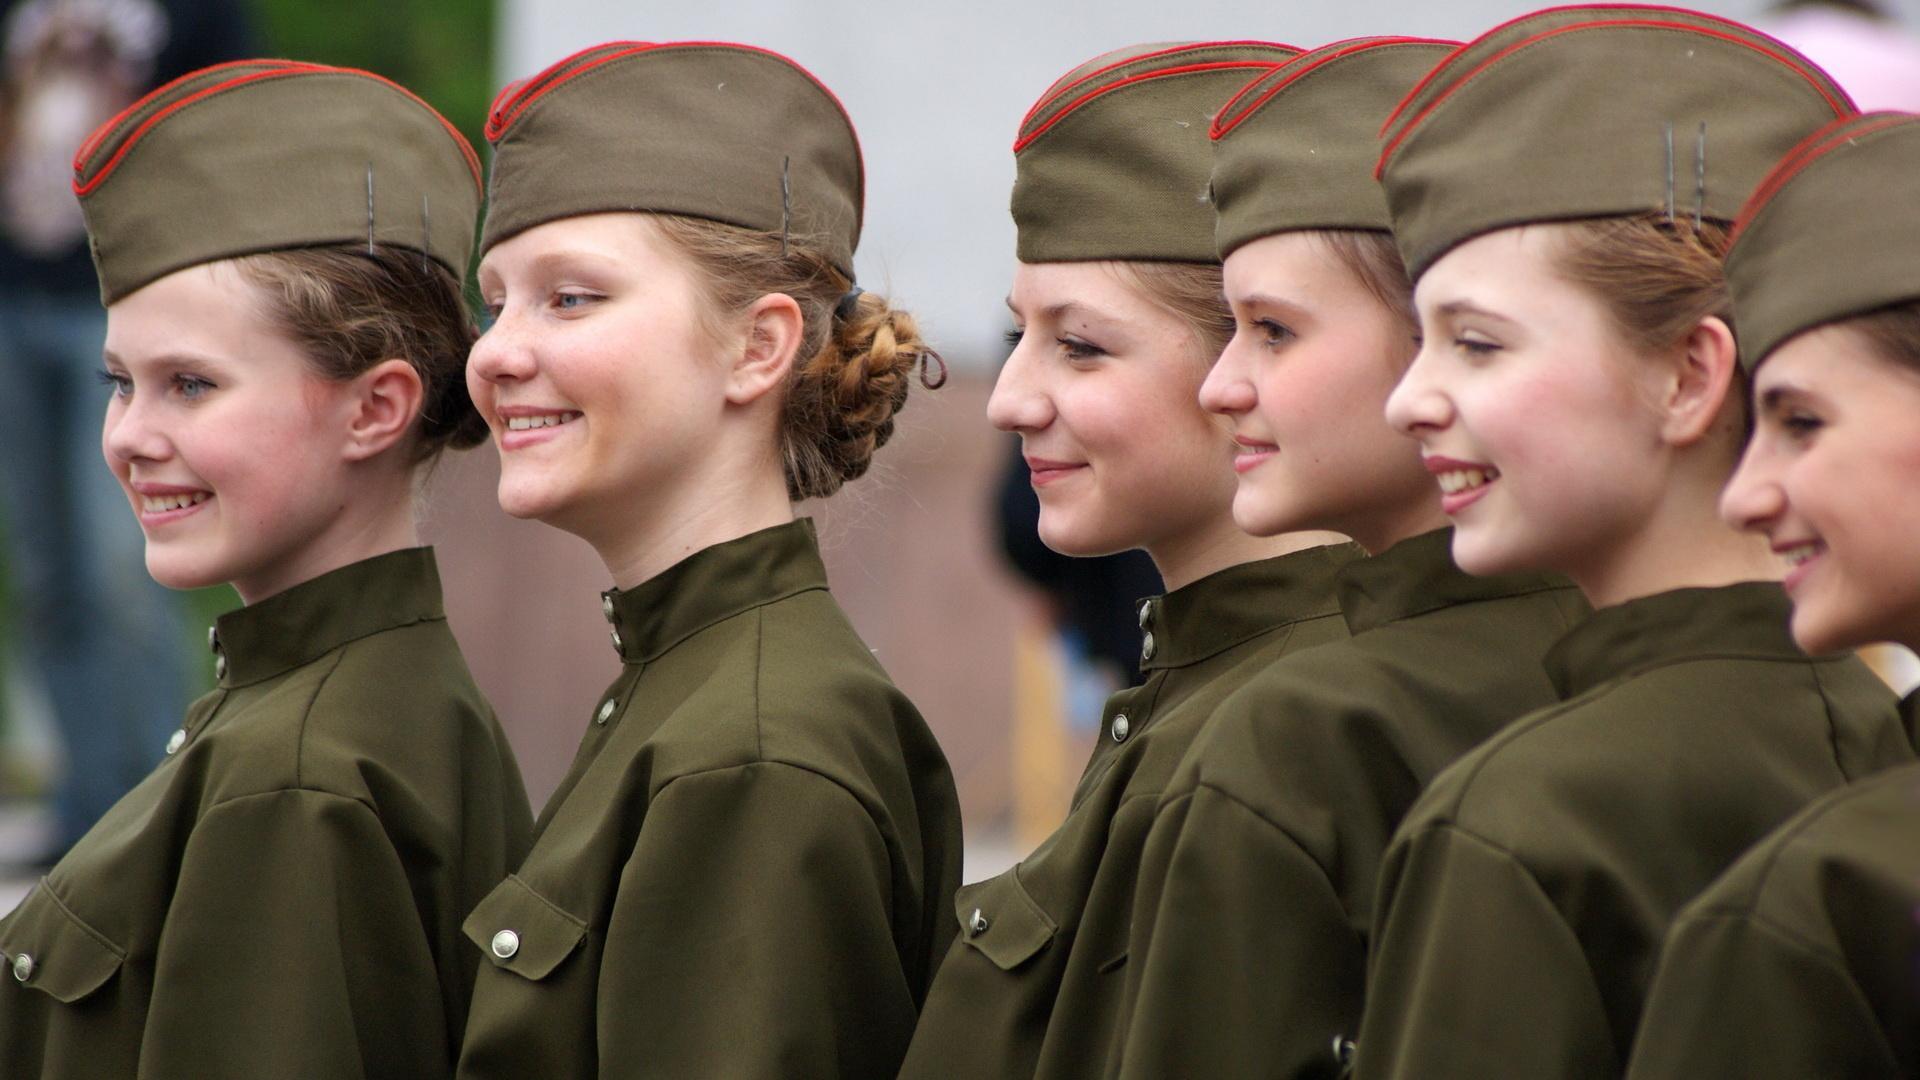 Fotos de mujeres soldados israelies desnudas 33